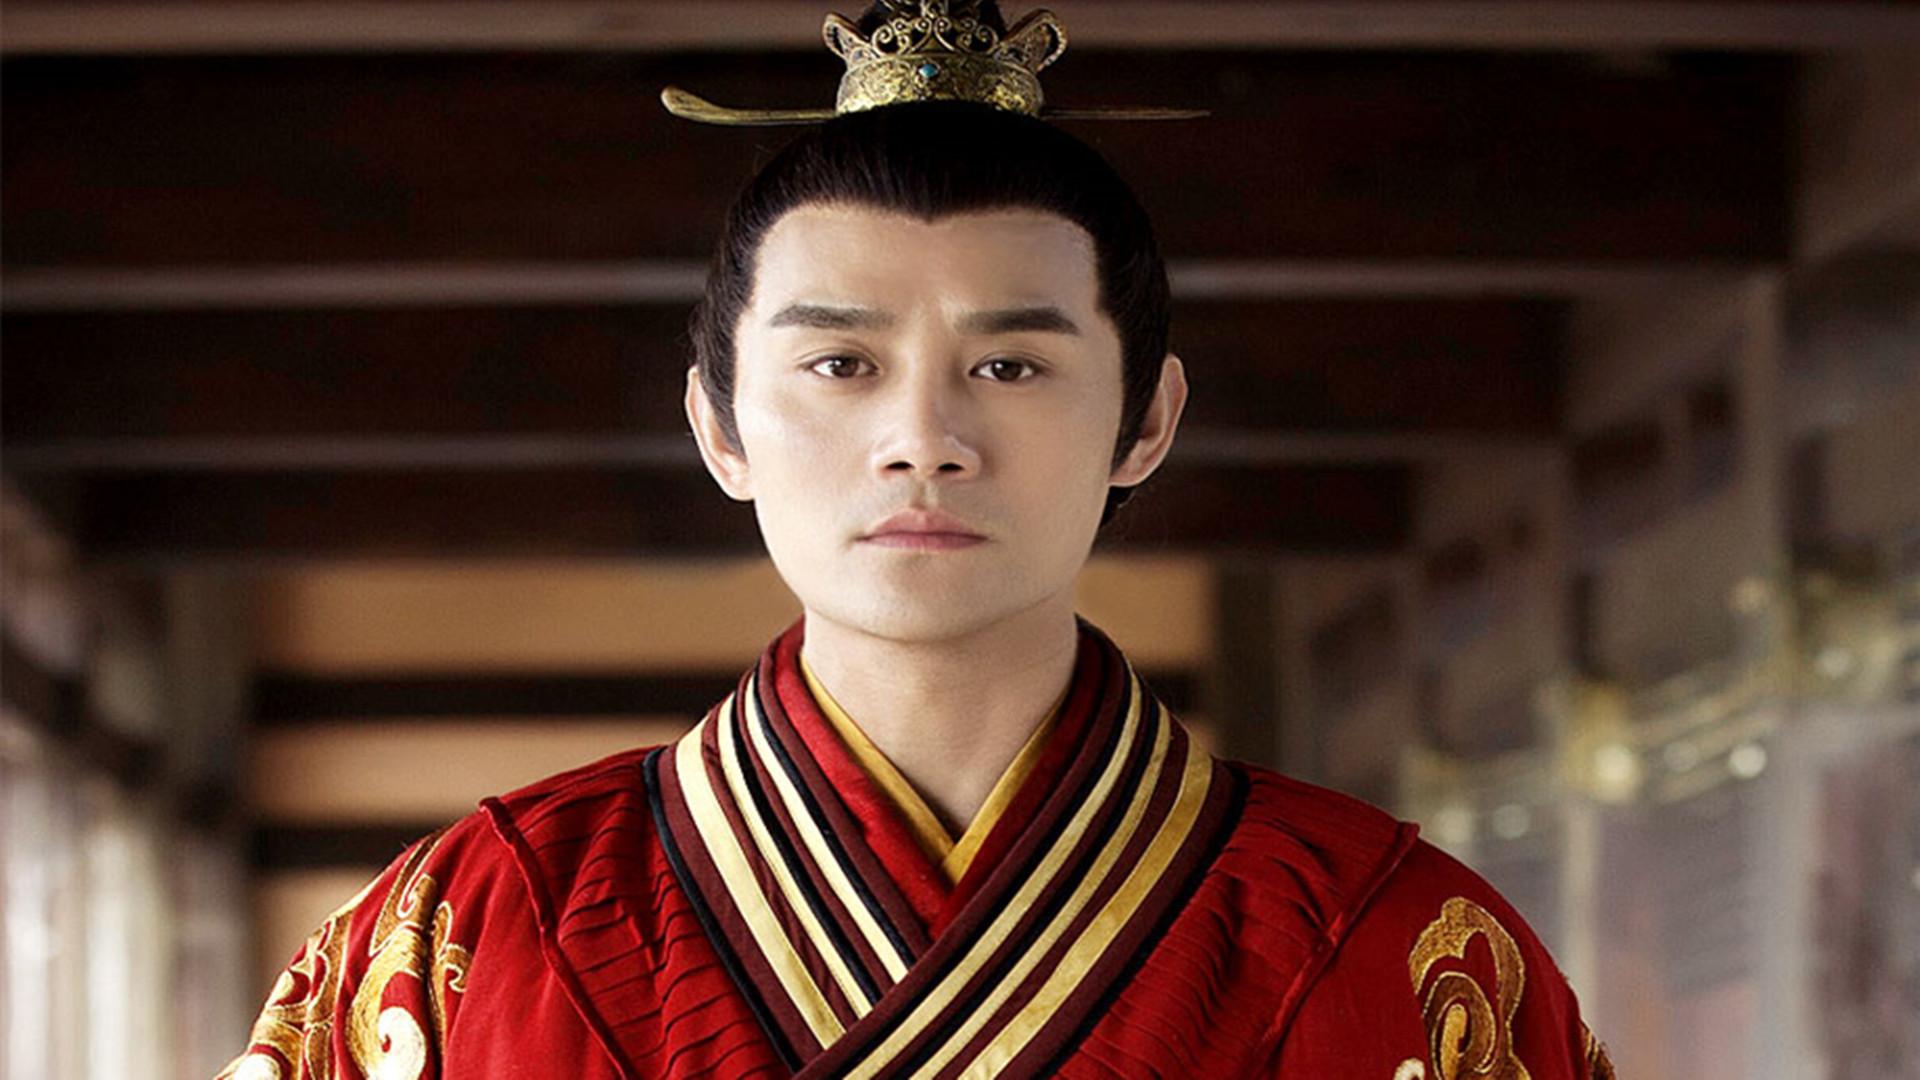 古装剧中的五位王爷,一个比一个撩人,你们最喜欢哪个王爷?